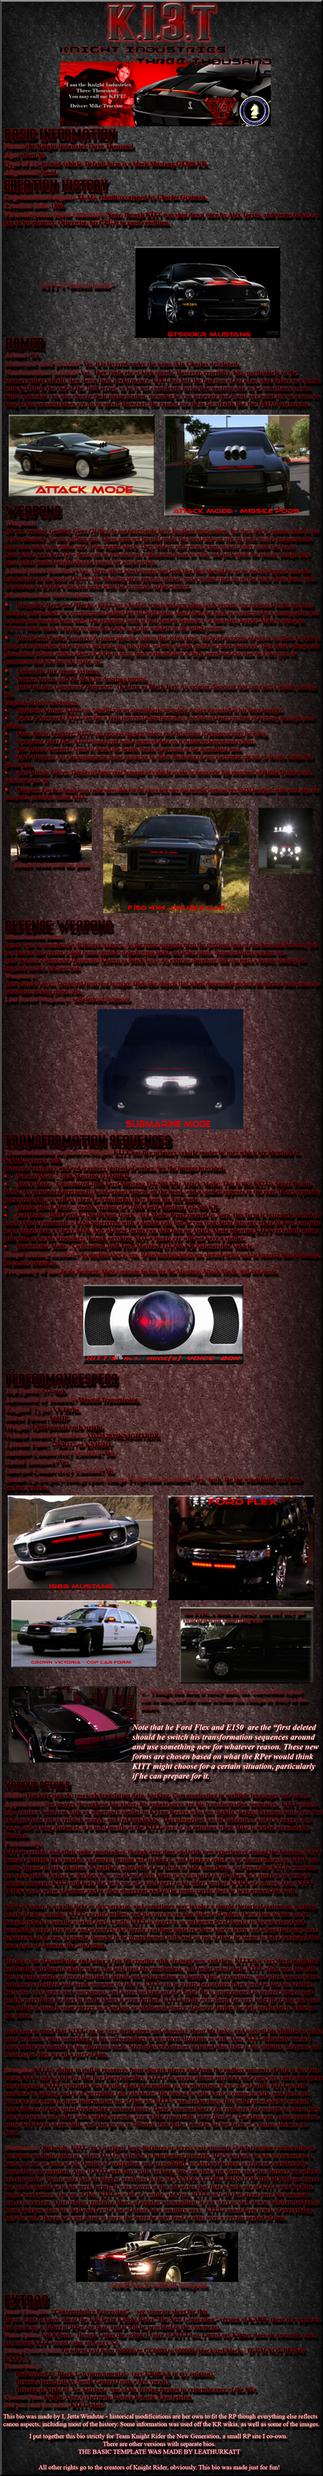 KI3T: TKR-New Generation bio by Jetta-Windstar